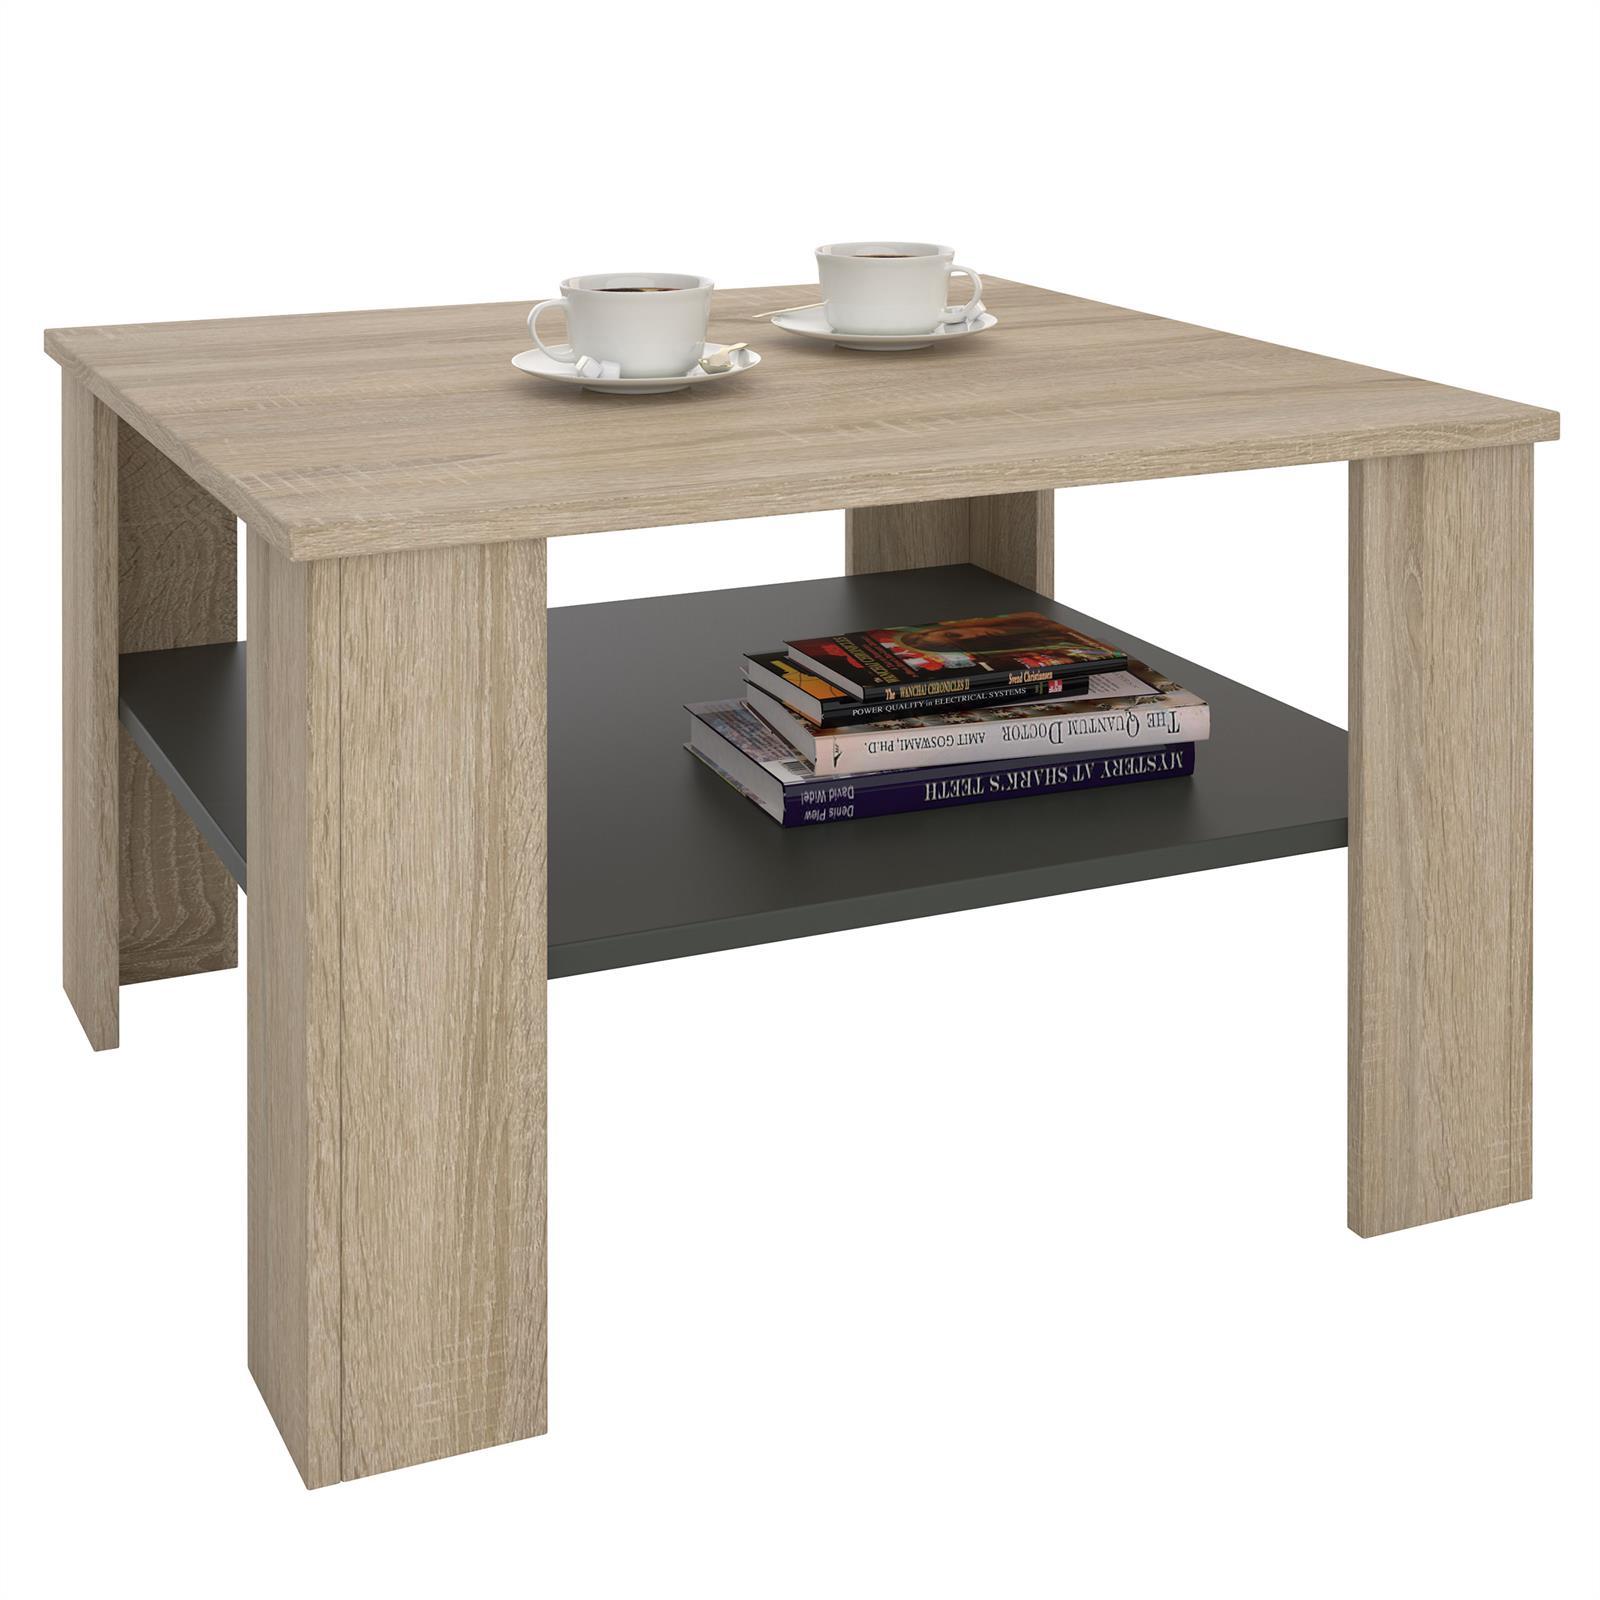 table basse sejour en m lamin d cor ch ne sonoma et gris mat mobil meubles. Black Bedroom Furniture Sets. Home Design Ideas